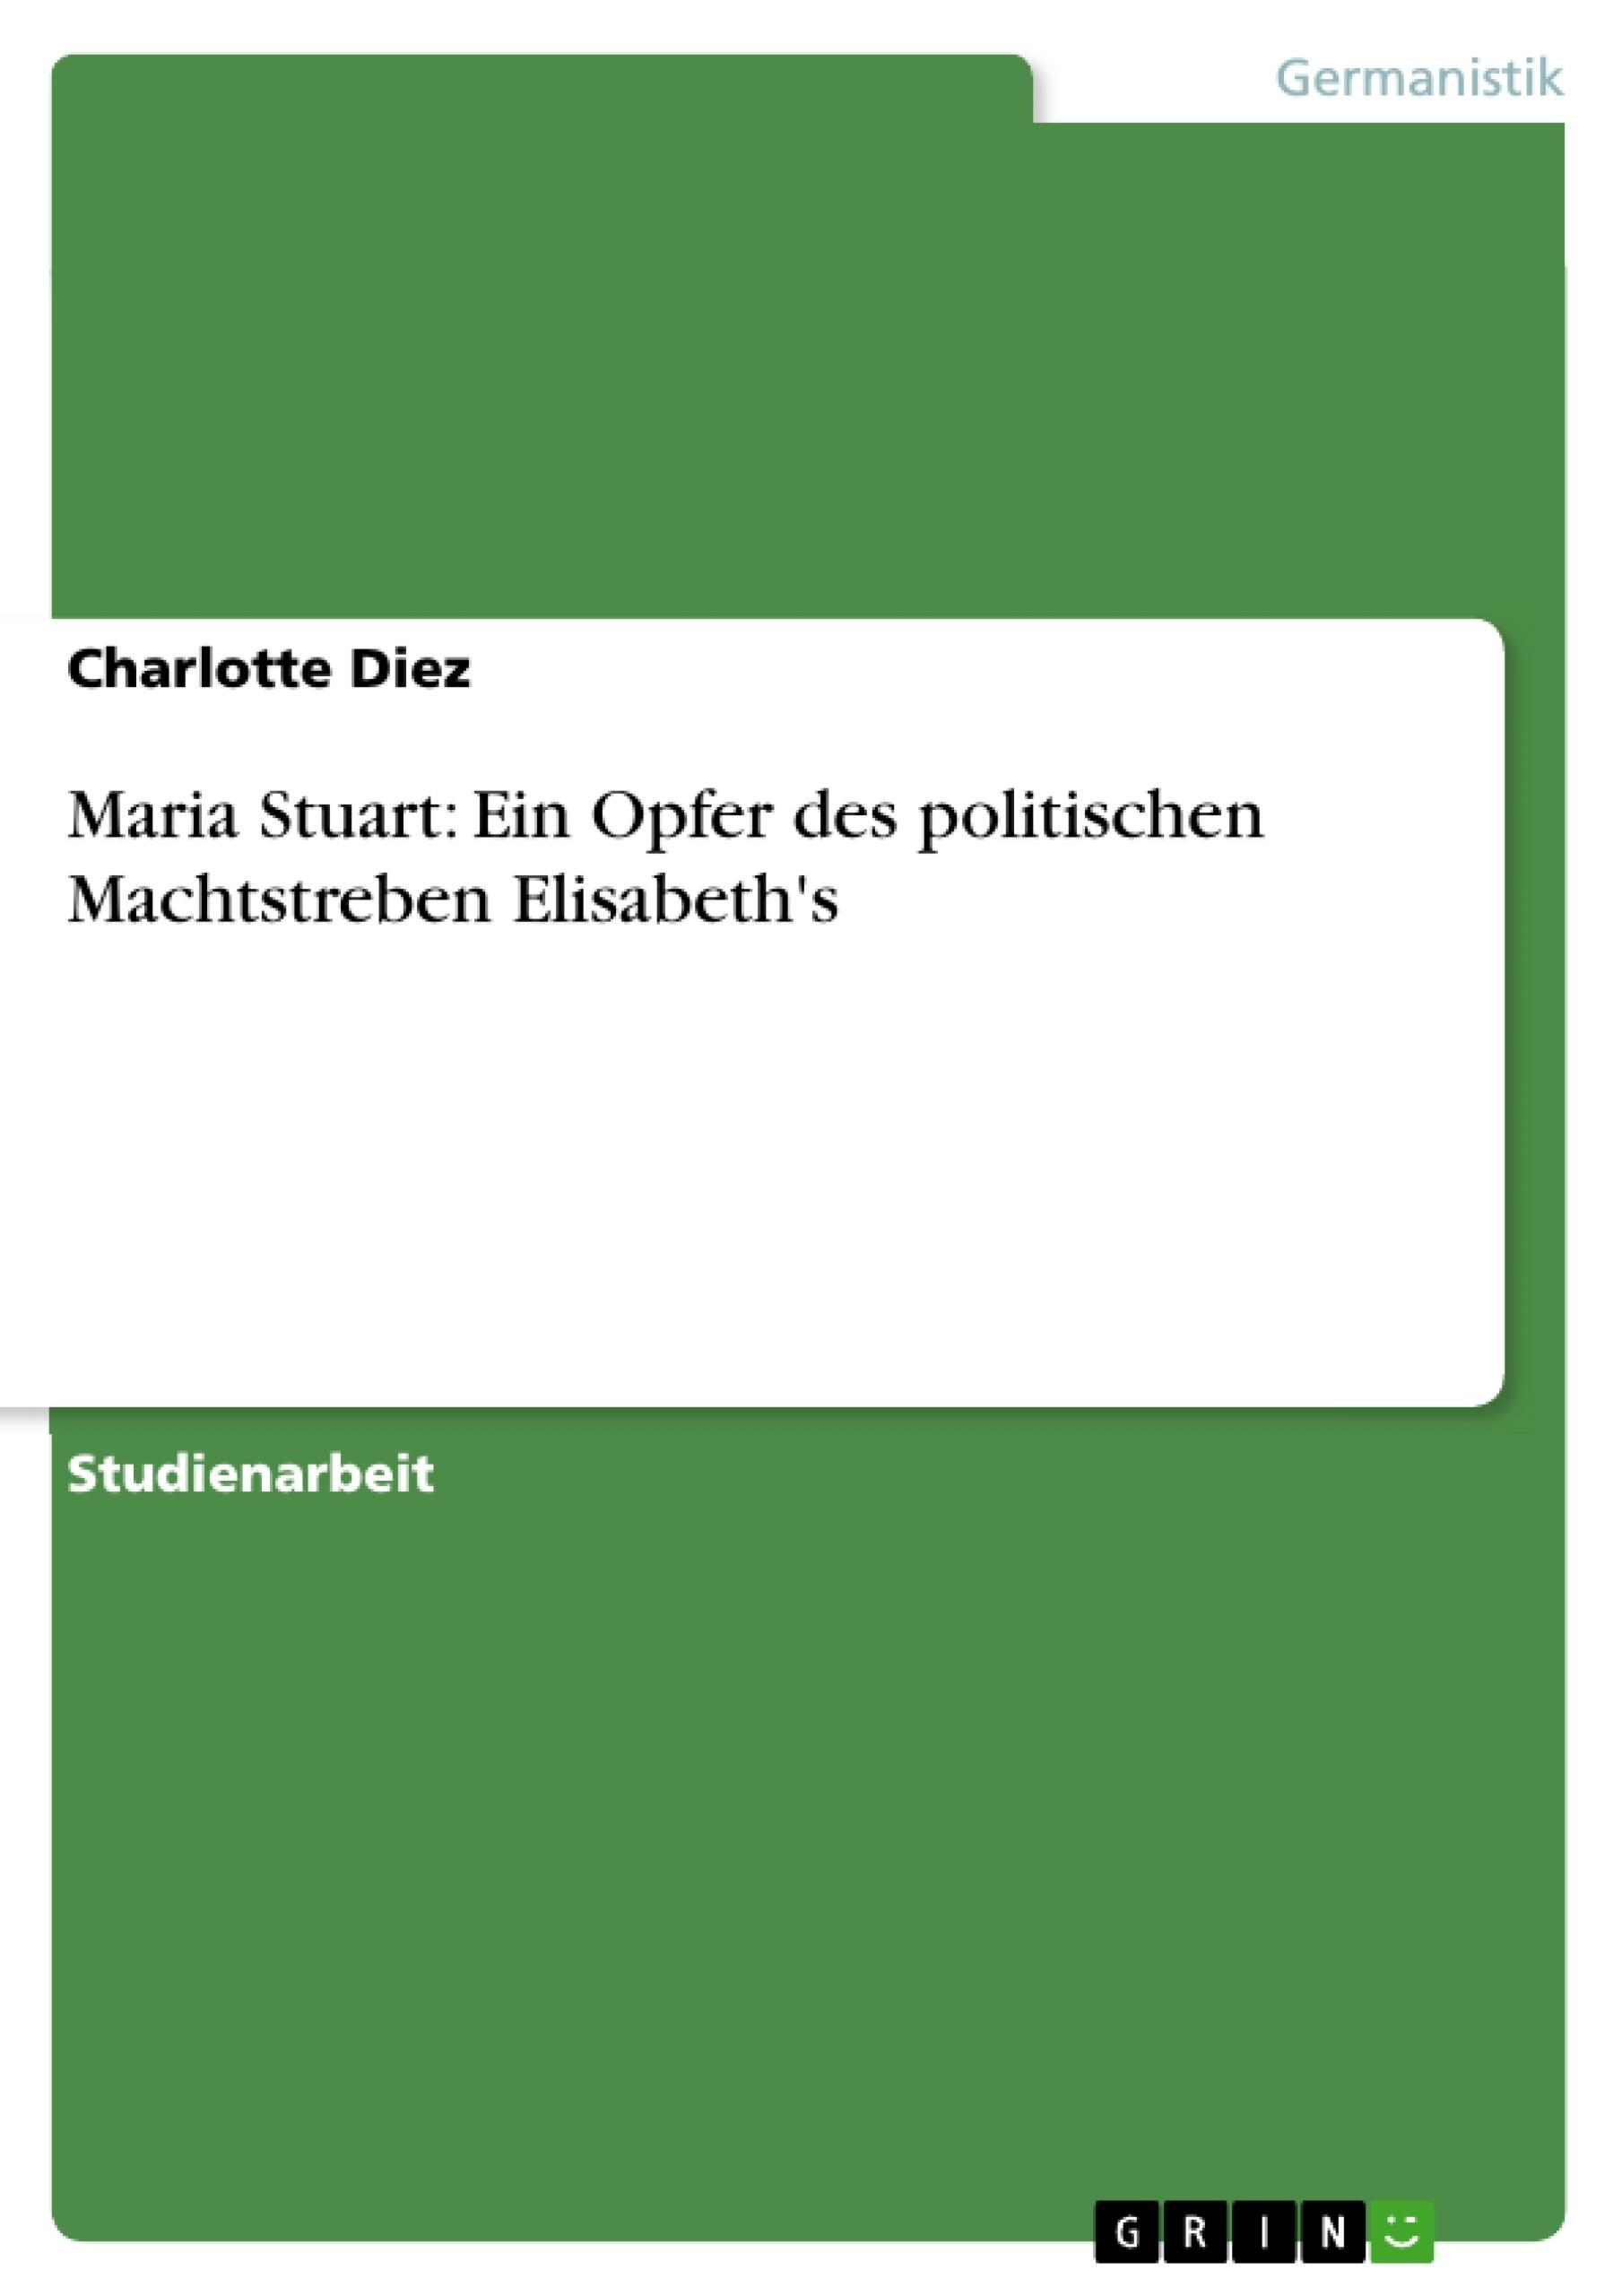 Titel: Maria Stuart: Ein Opfer des politischen Machtstreben Elisabeth's